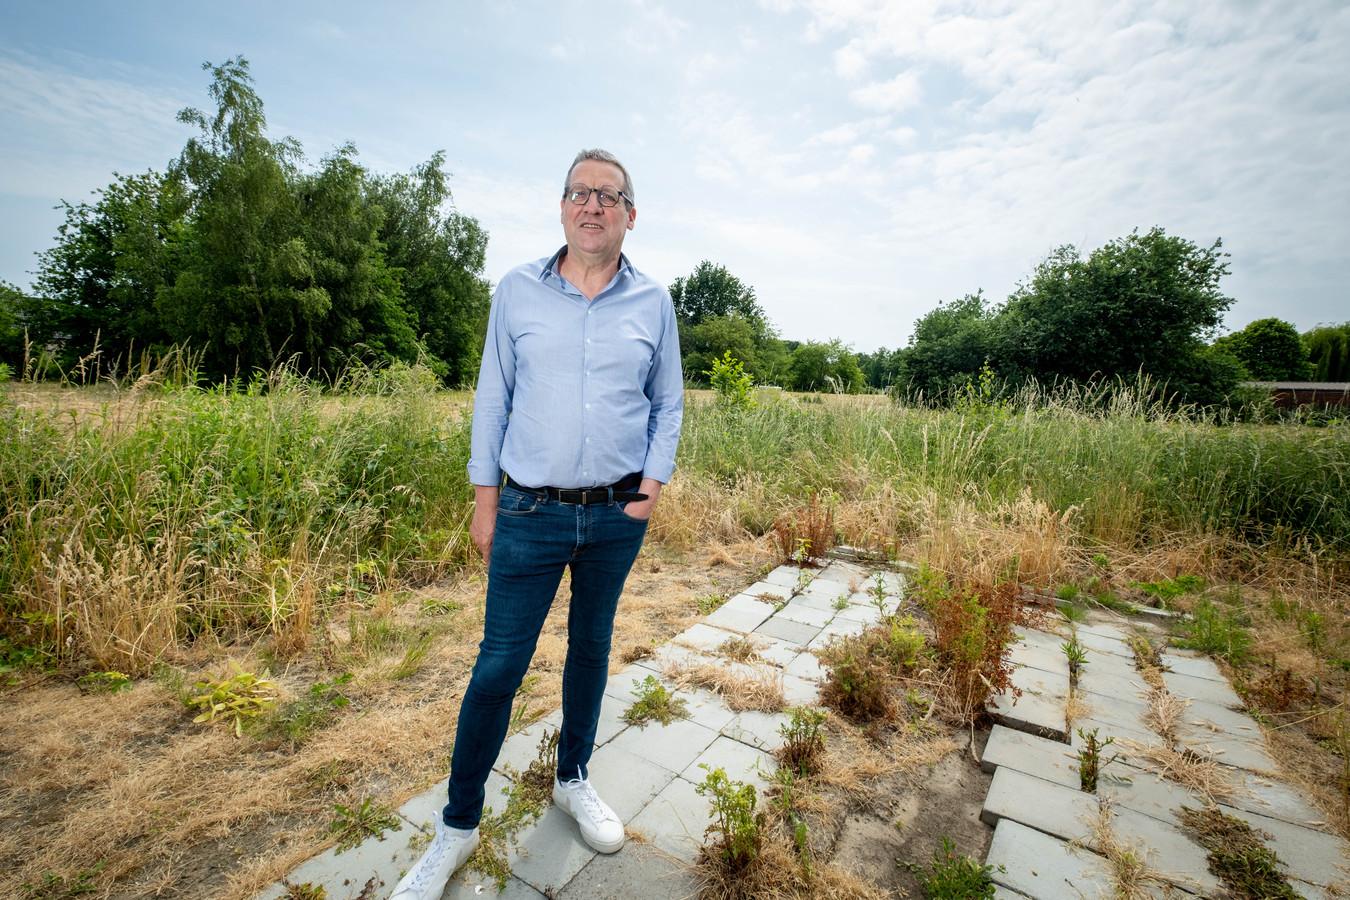 Directeur Theo De Wyngaert van de huisvestingsmaatschappij aan de terreinen langs de Kerkbossenstraat waar 45 sociale woningen zullen worden gebouwd.